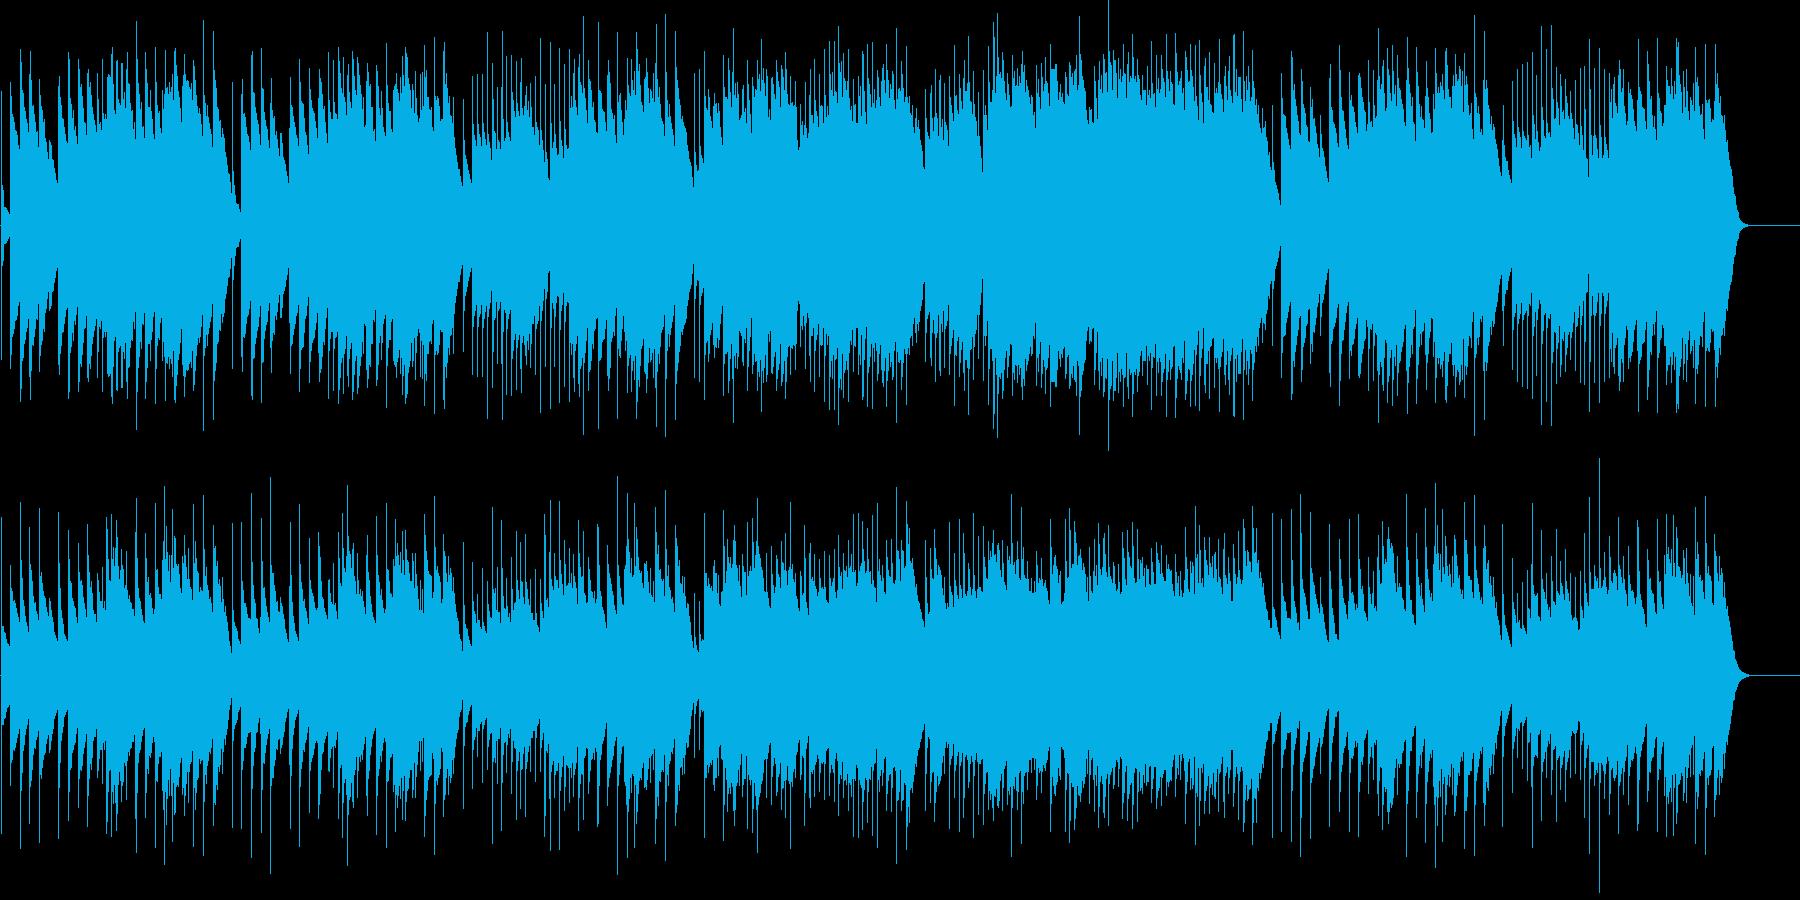 アイネクライネ 第3楽章 (オルゴール)の再生済みの波形